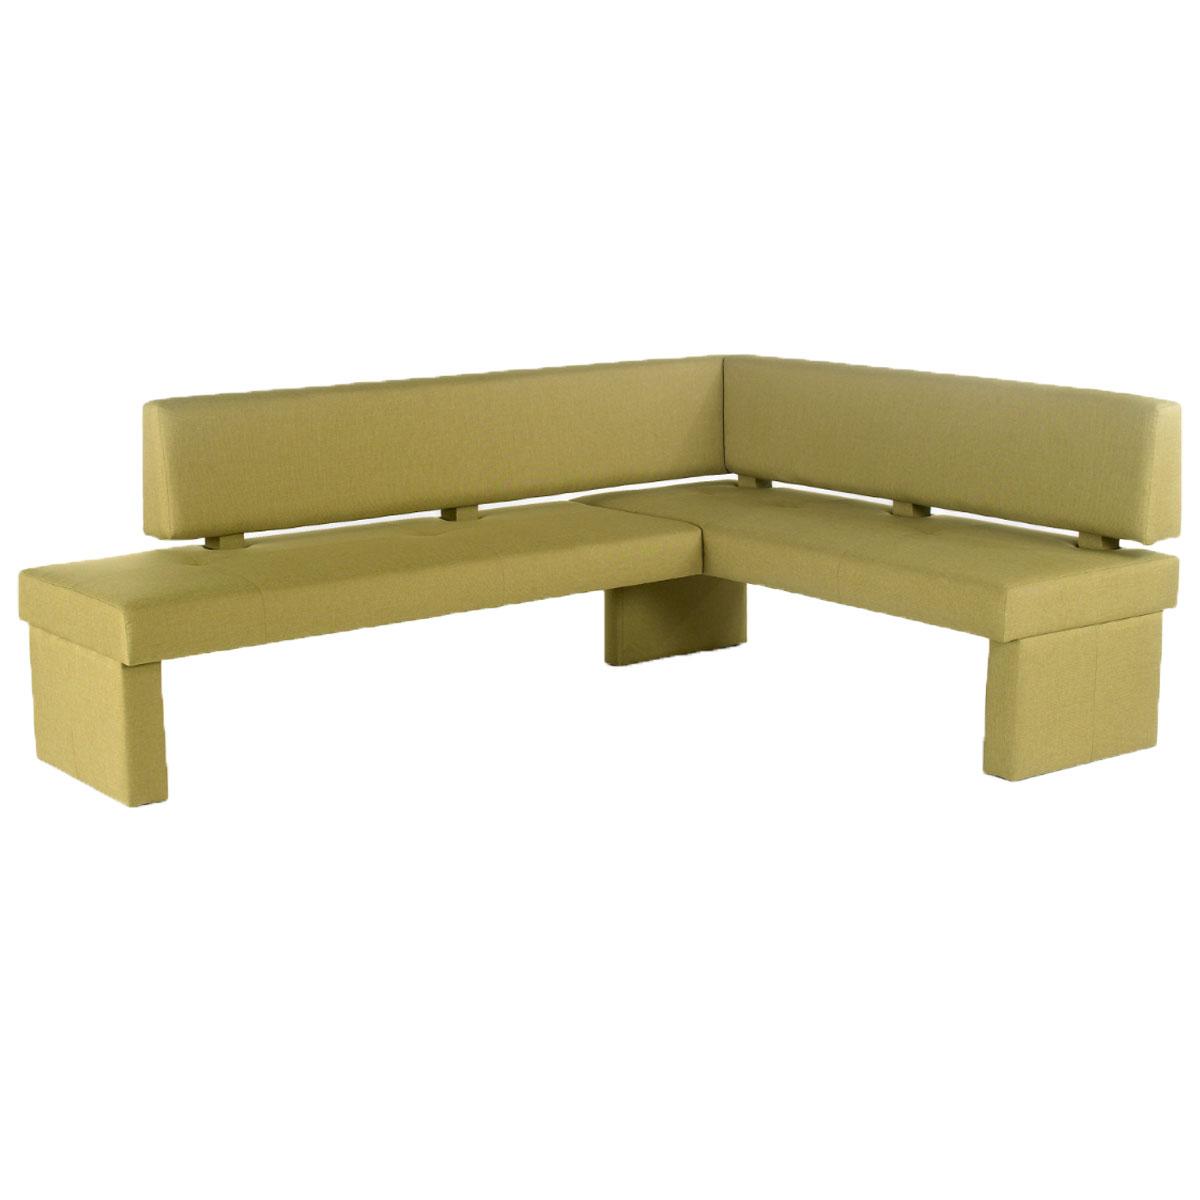 standard furniture polsterbank domino mit stoffbezug eckbank bank f r esszimmer und k che im. Black Bedroom Furniture Sets. Home Design Ideas